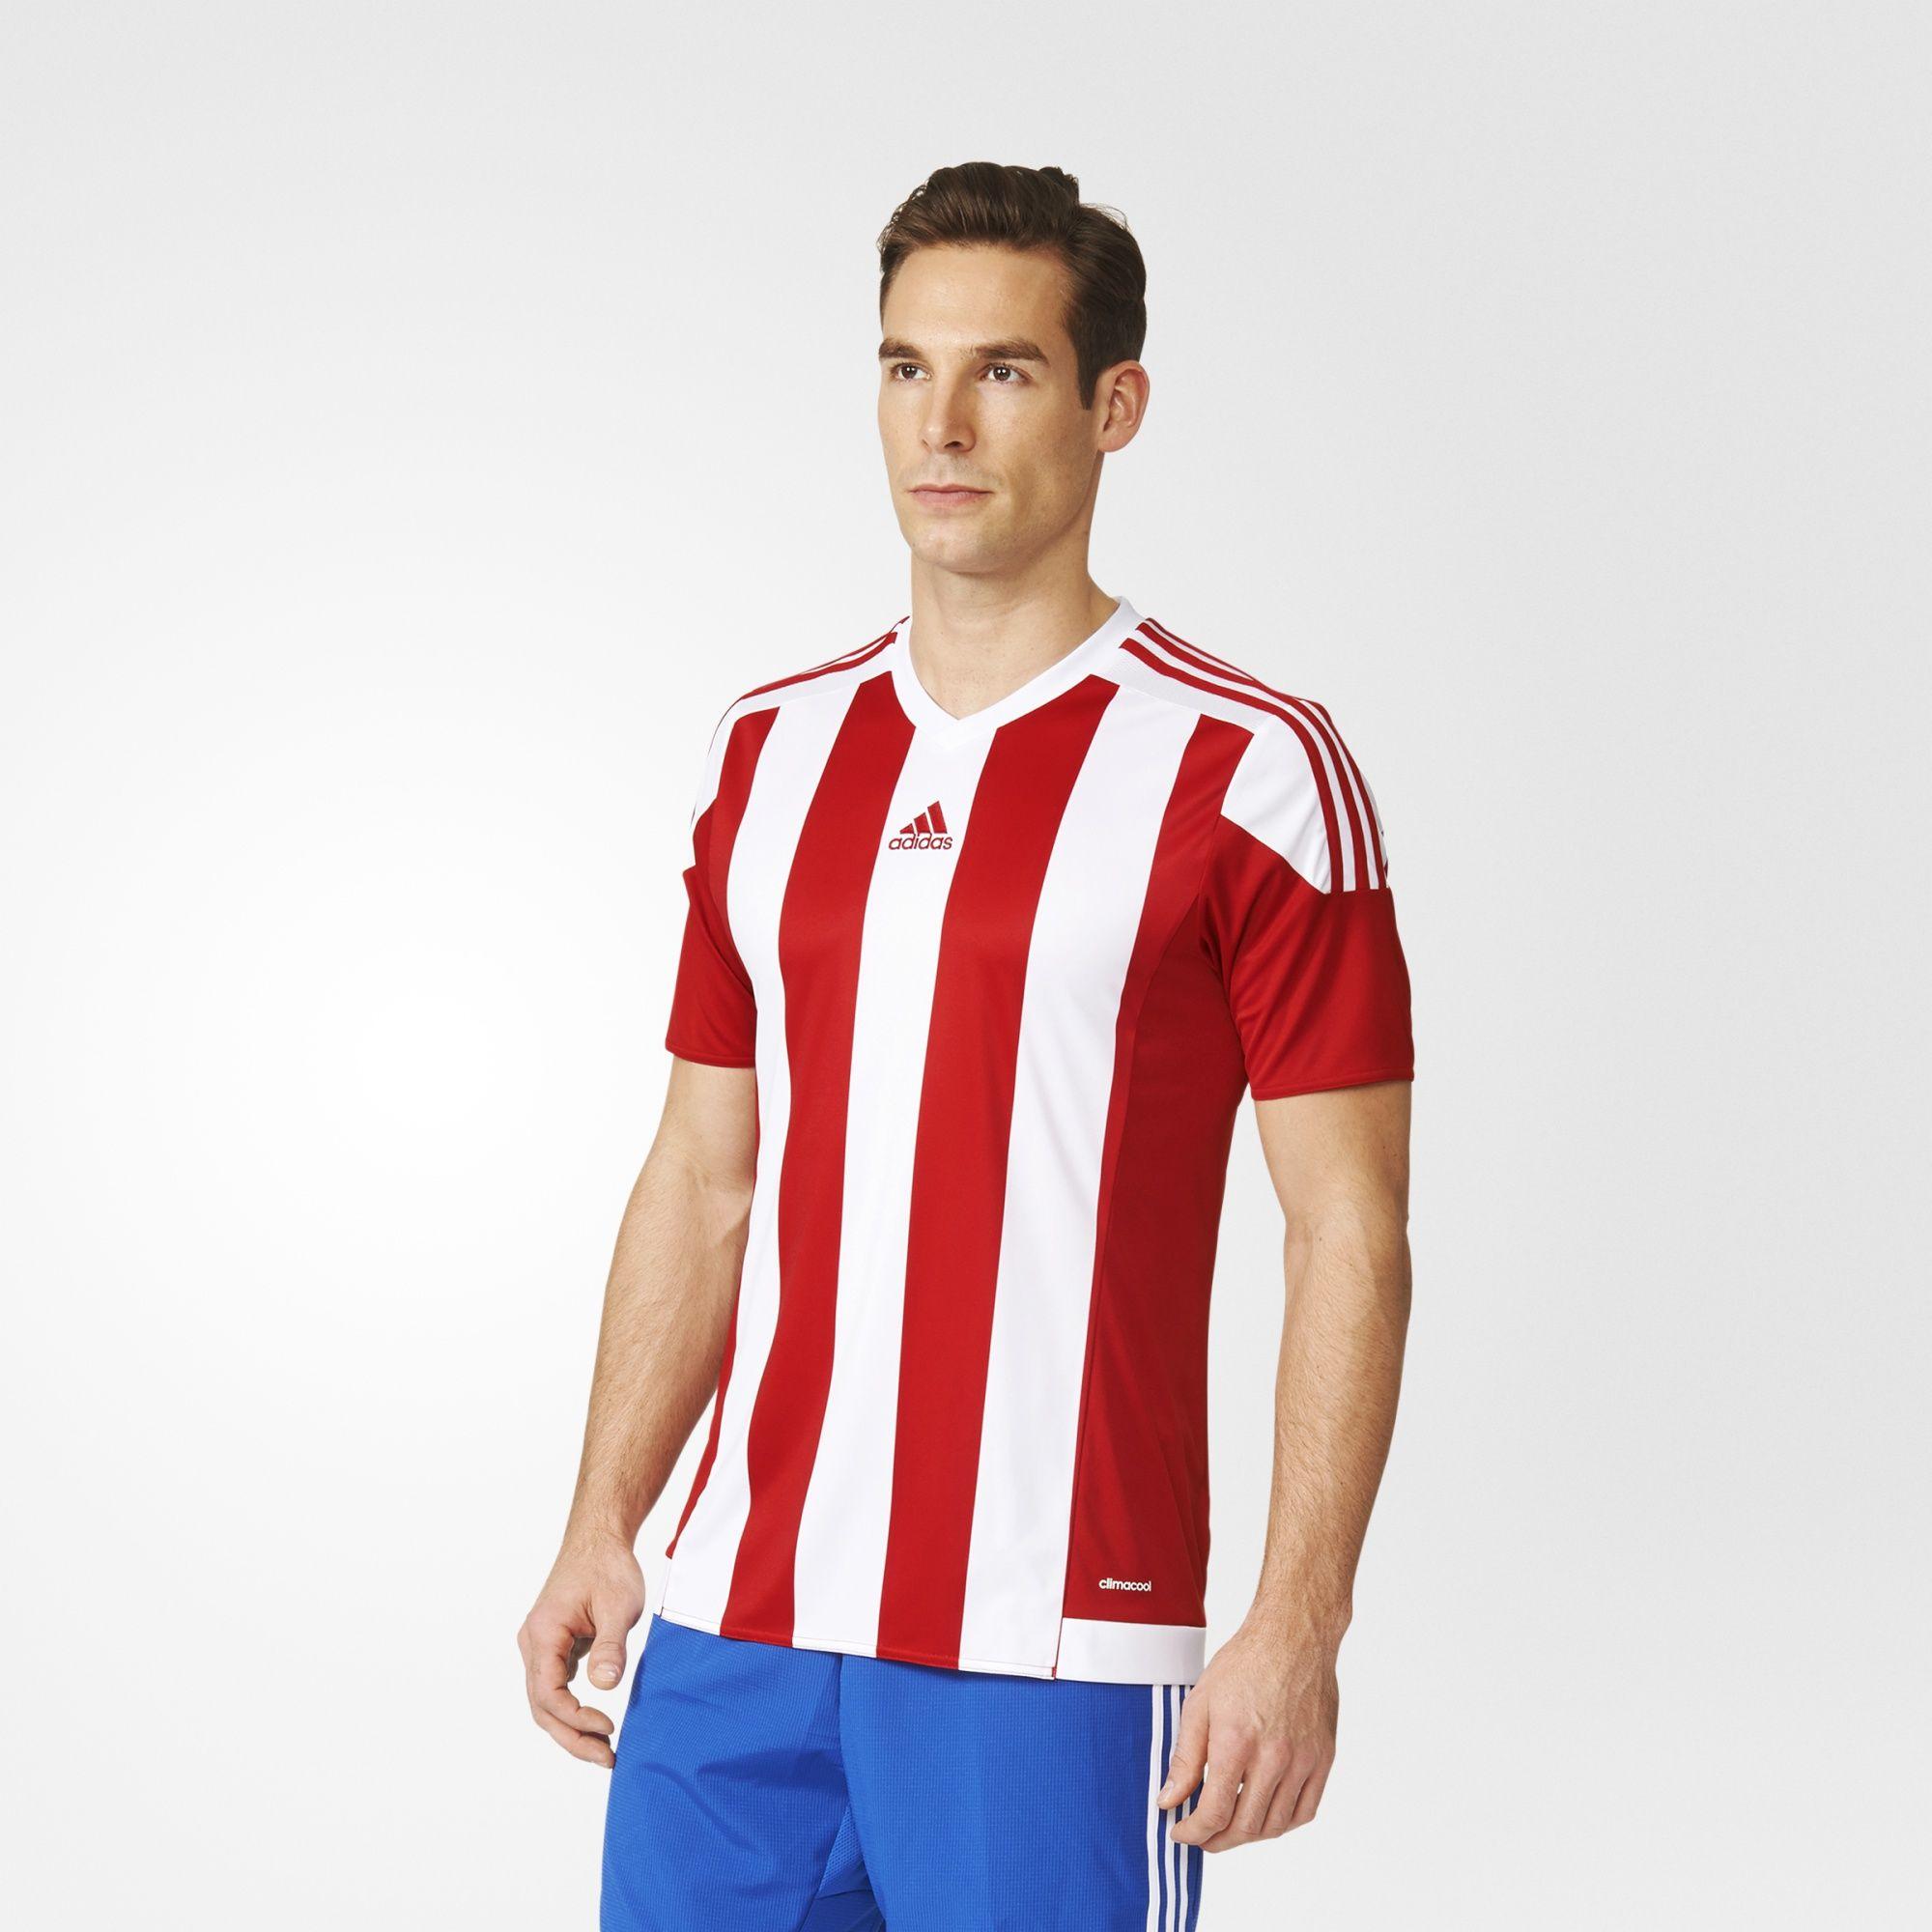 ¿Cómo elegir la talla correcta para comprar camisetas de futbol por internet?